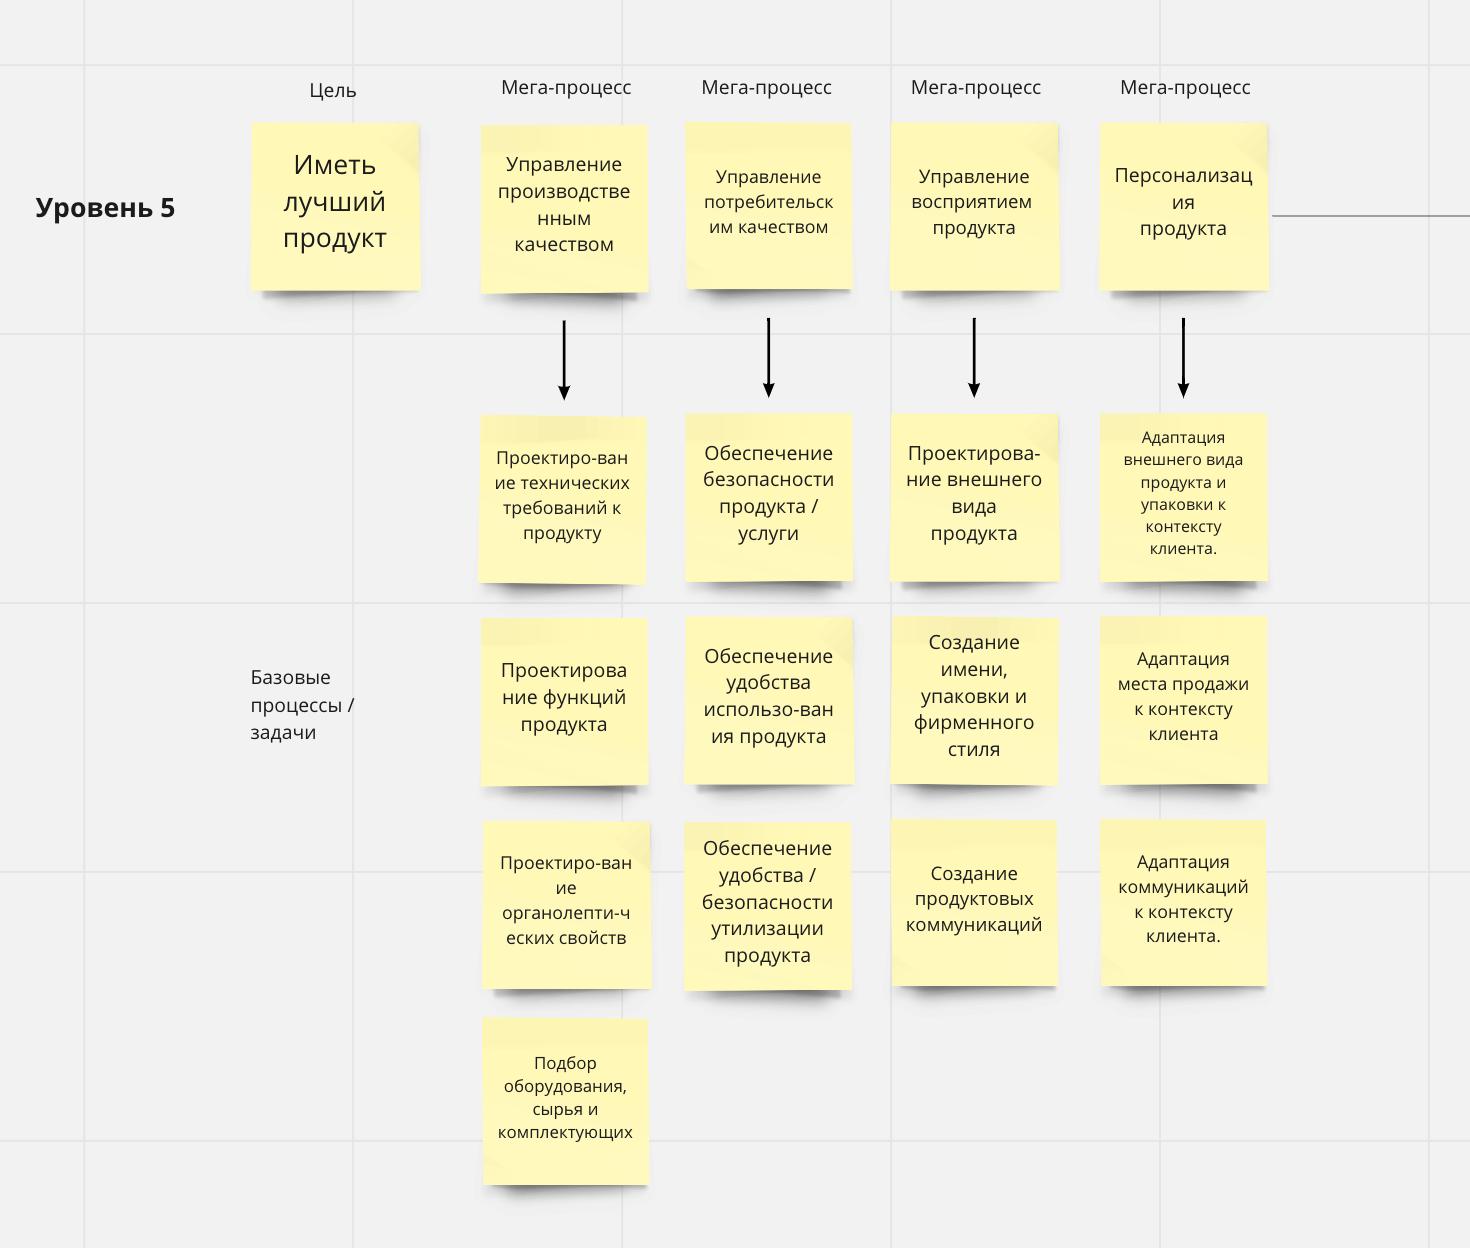 Описание мега-процессов, процессов и задач одного из уровней